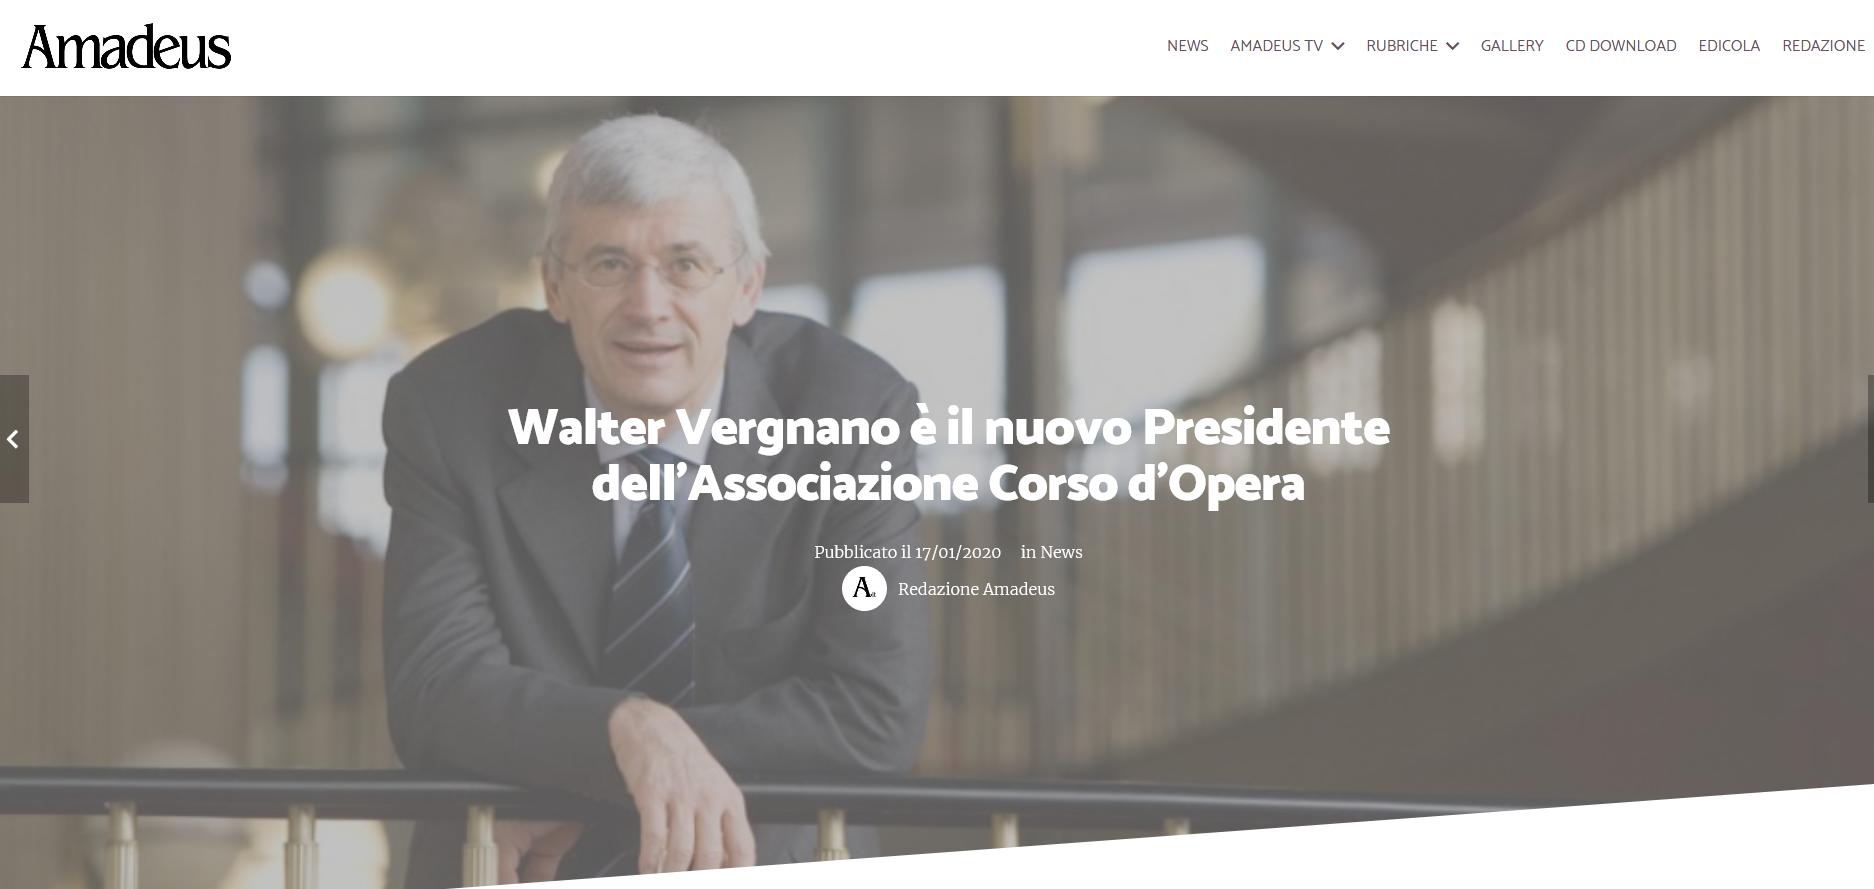 Screenshot_2020-03-09 Walter Vergnano è il nuovo Presidente dell'Associazione Corso d'Opera Amadeus